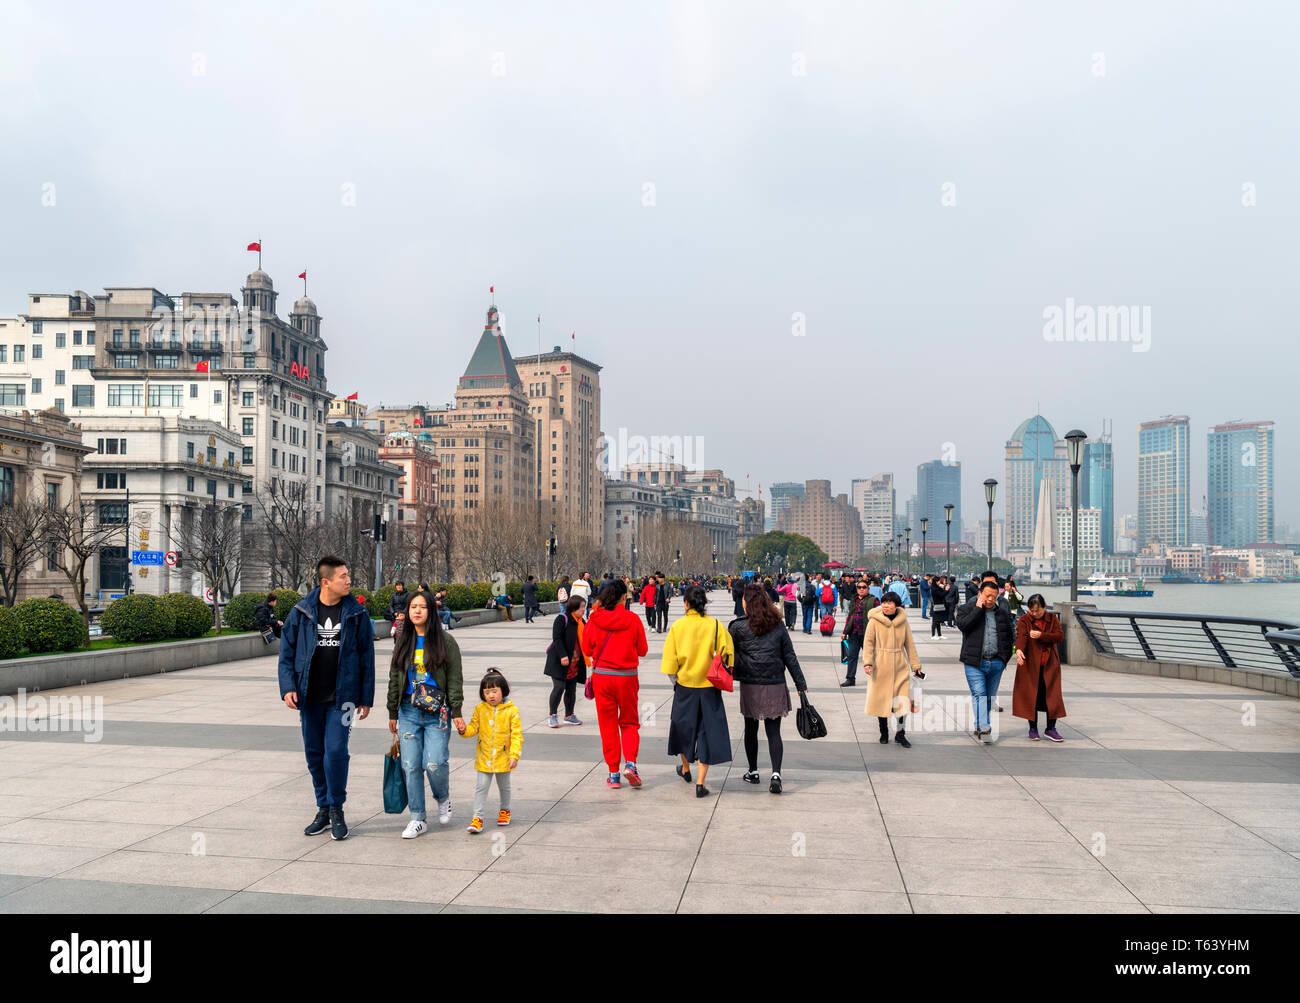 El Bund (Waitan) y el Río Huangpu a principios de marzo de 2019 cuando el Índice de Calidad del Aire (AQI) fue de más de 200, Shanghai, China Imagen De Stock